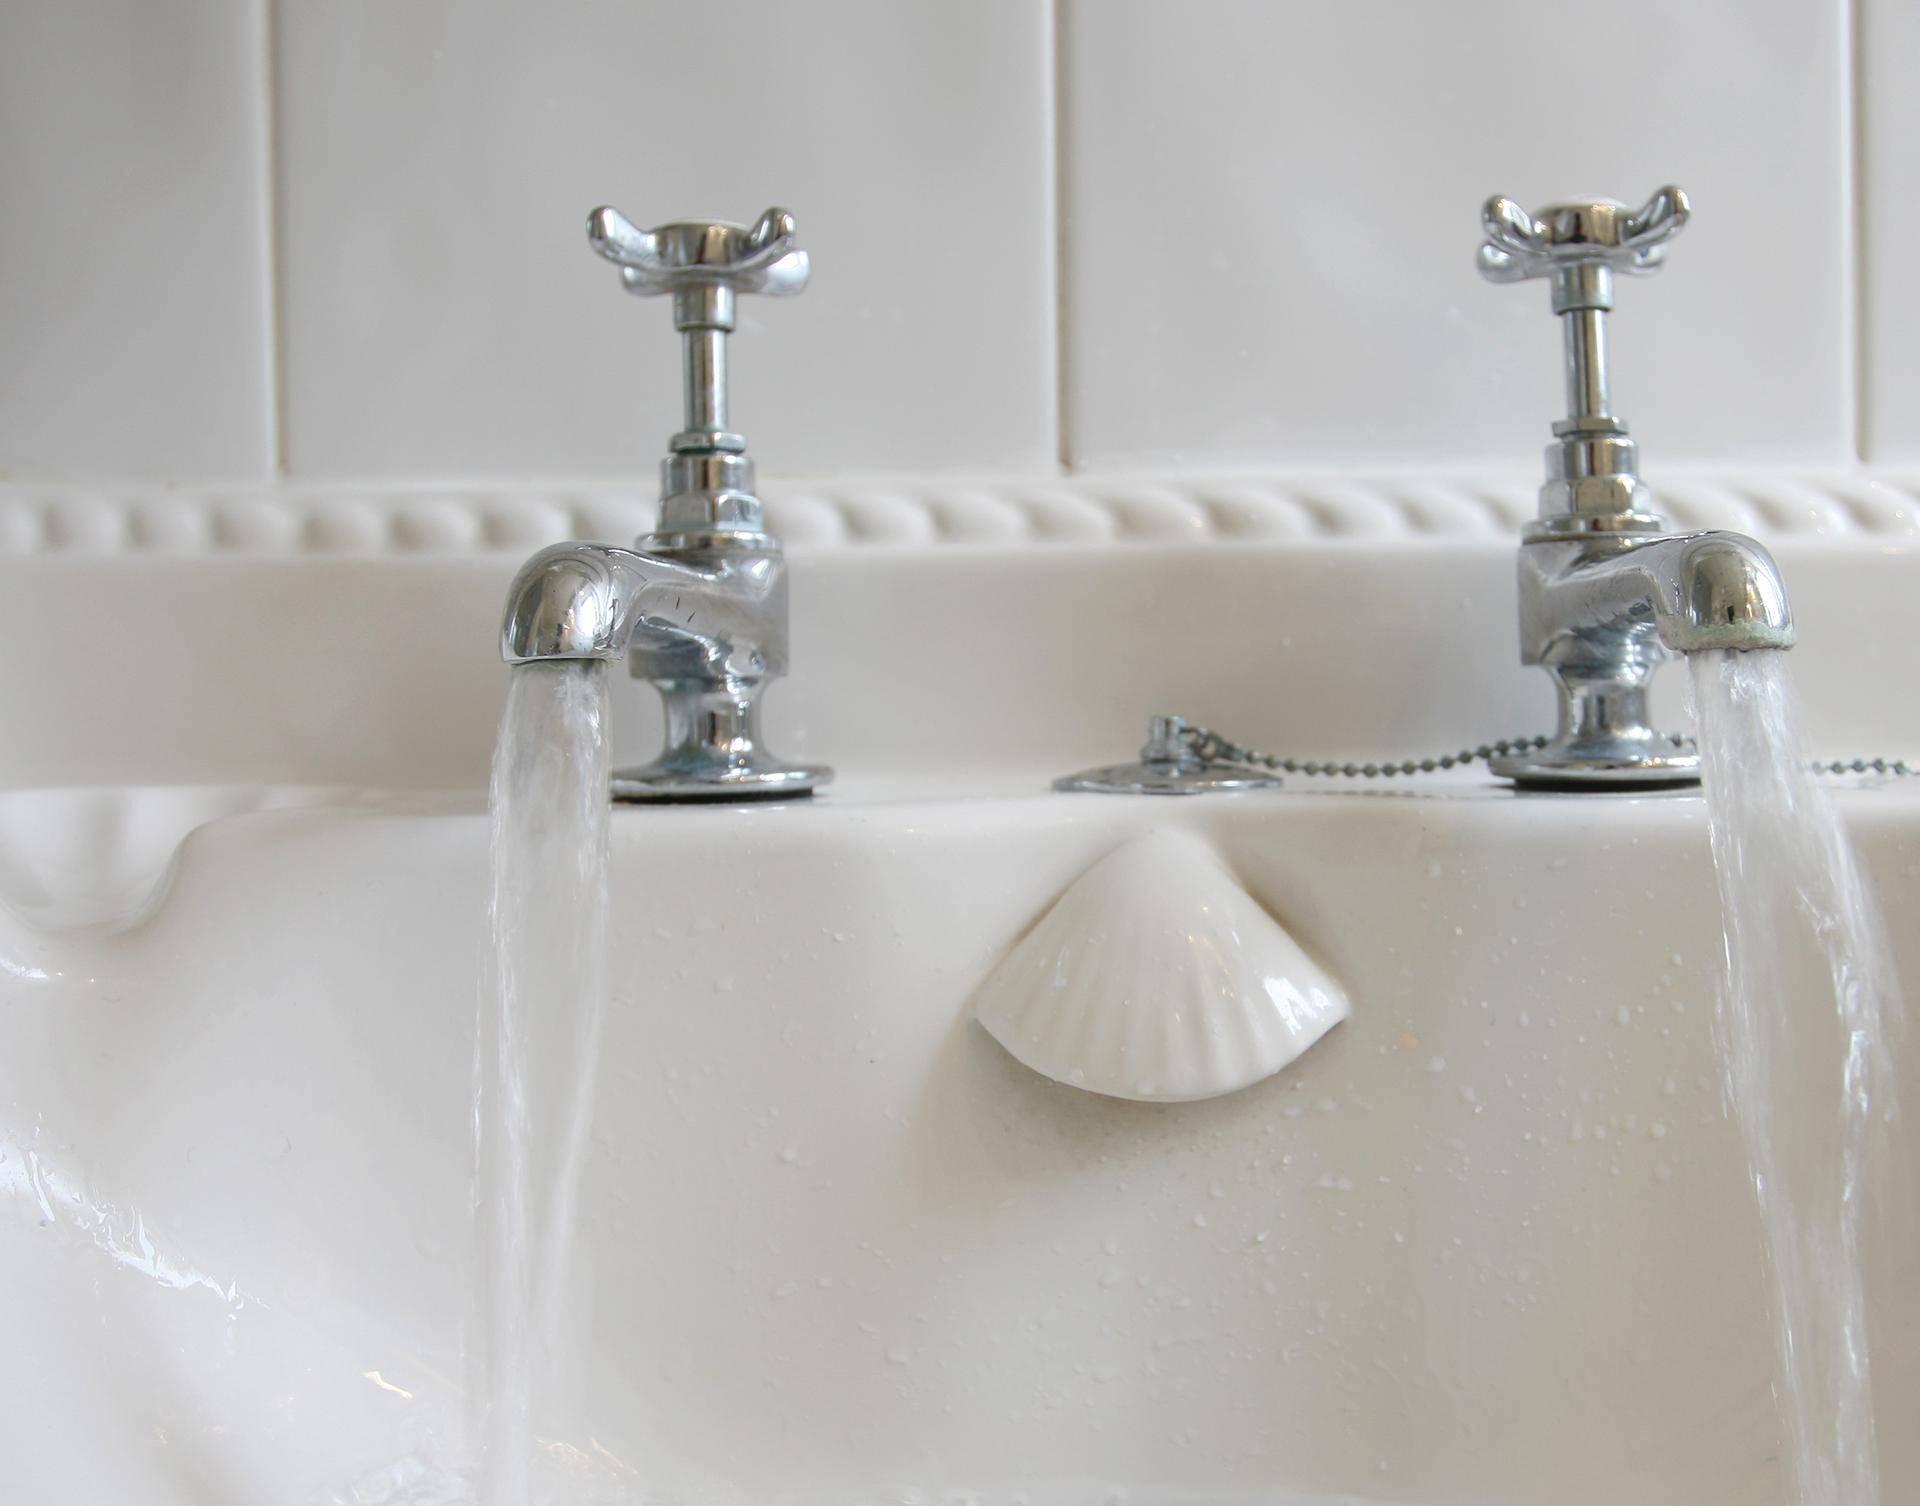 Zašto Britanci  imaju dvije pipe, s toplom i hladnom vodom?